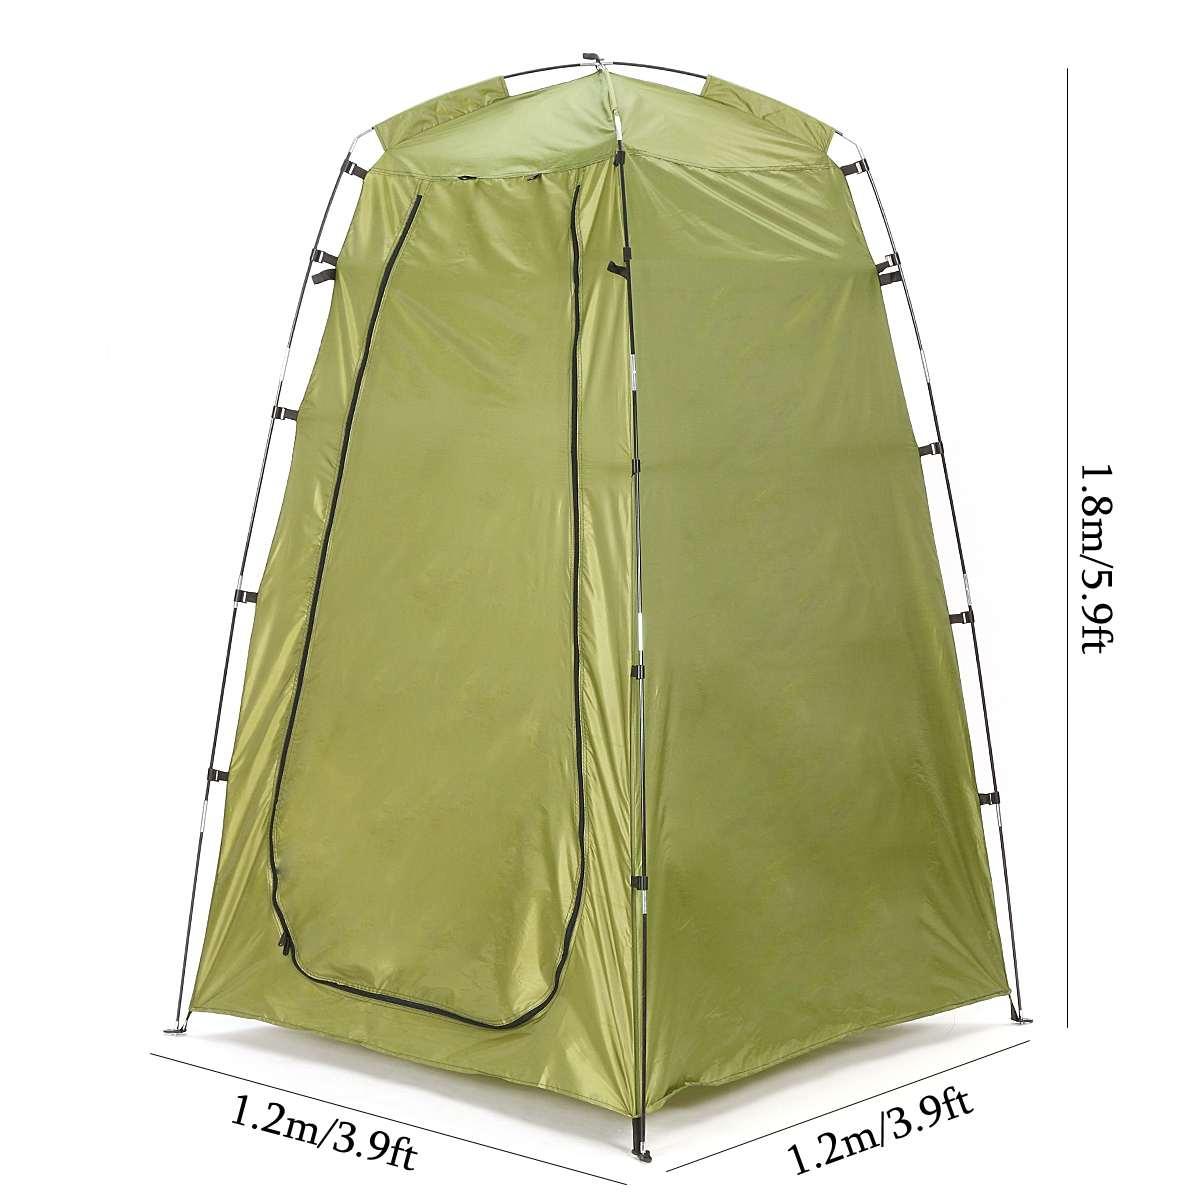 1.2x1.2x1.8 m En Plein Air Portable Confidentialité de Toilette Douche Tente Étanche Camping tentes Changement Salle De Bains Soleil Abri Pop up Tente